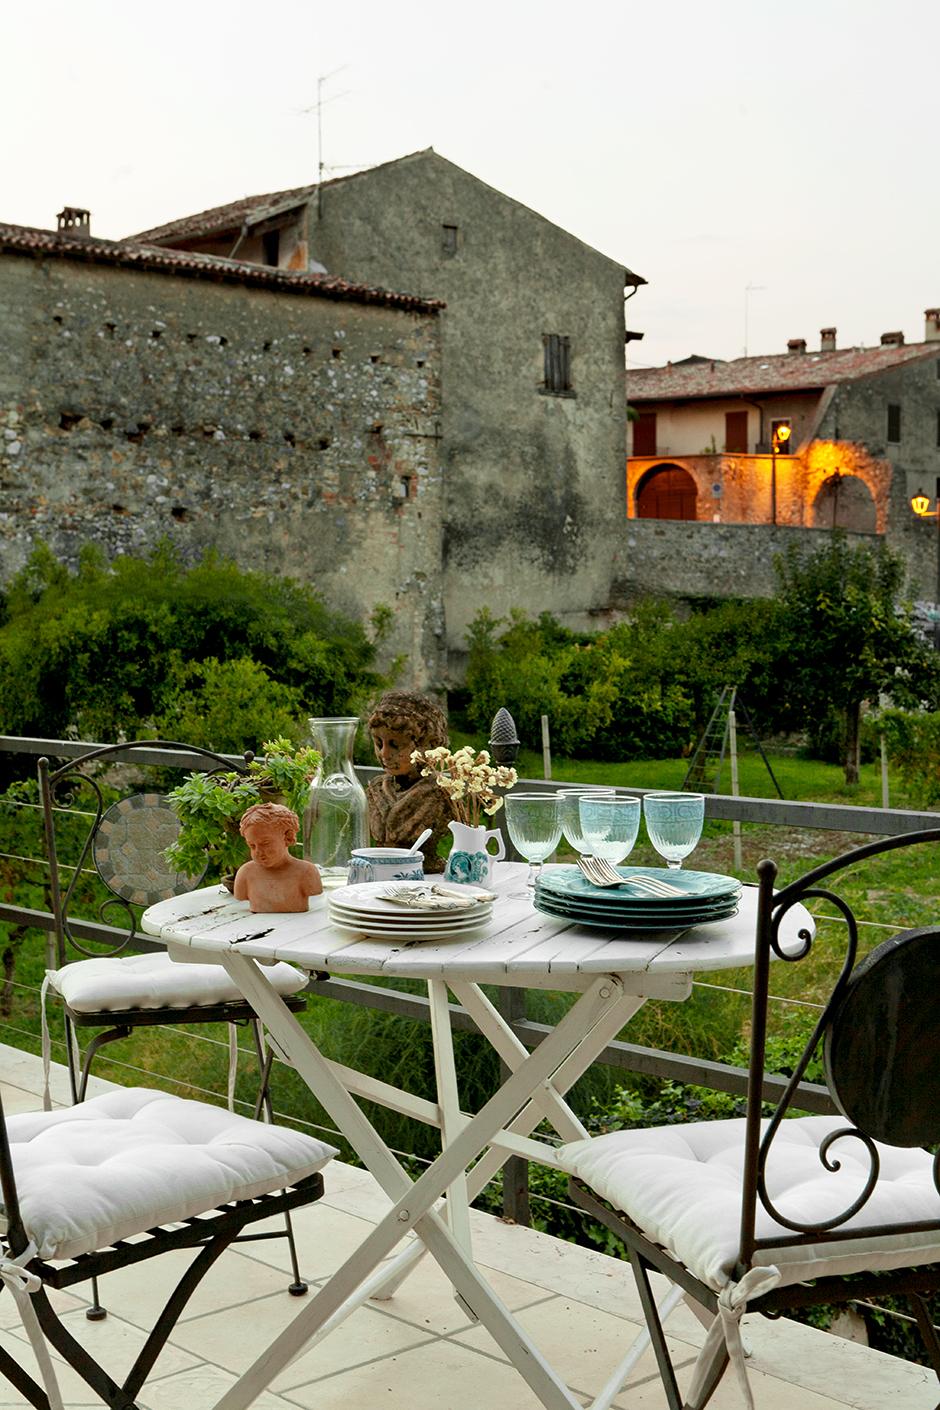 Уютный дом в Италии от Жени Ждановой уютный дом в италии Уютный дом в Италии от Жени Ждановой  0xc35dbb80 8772688631499246458